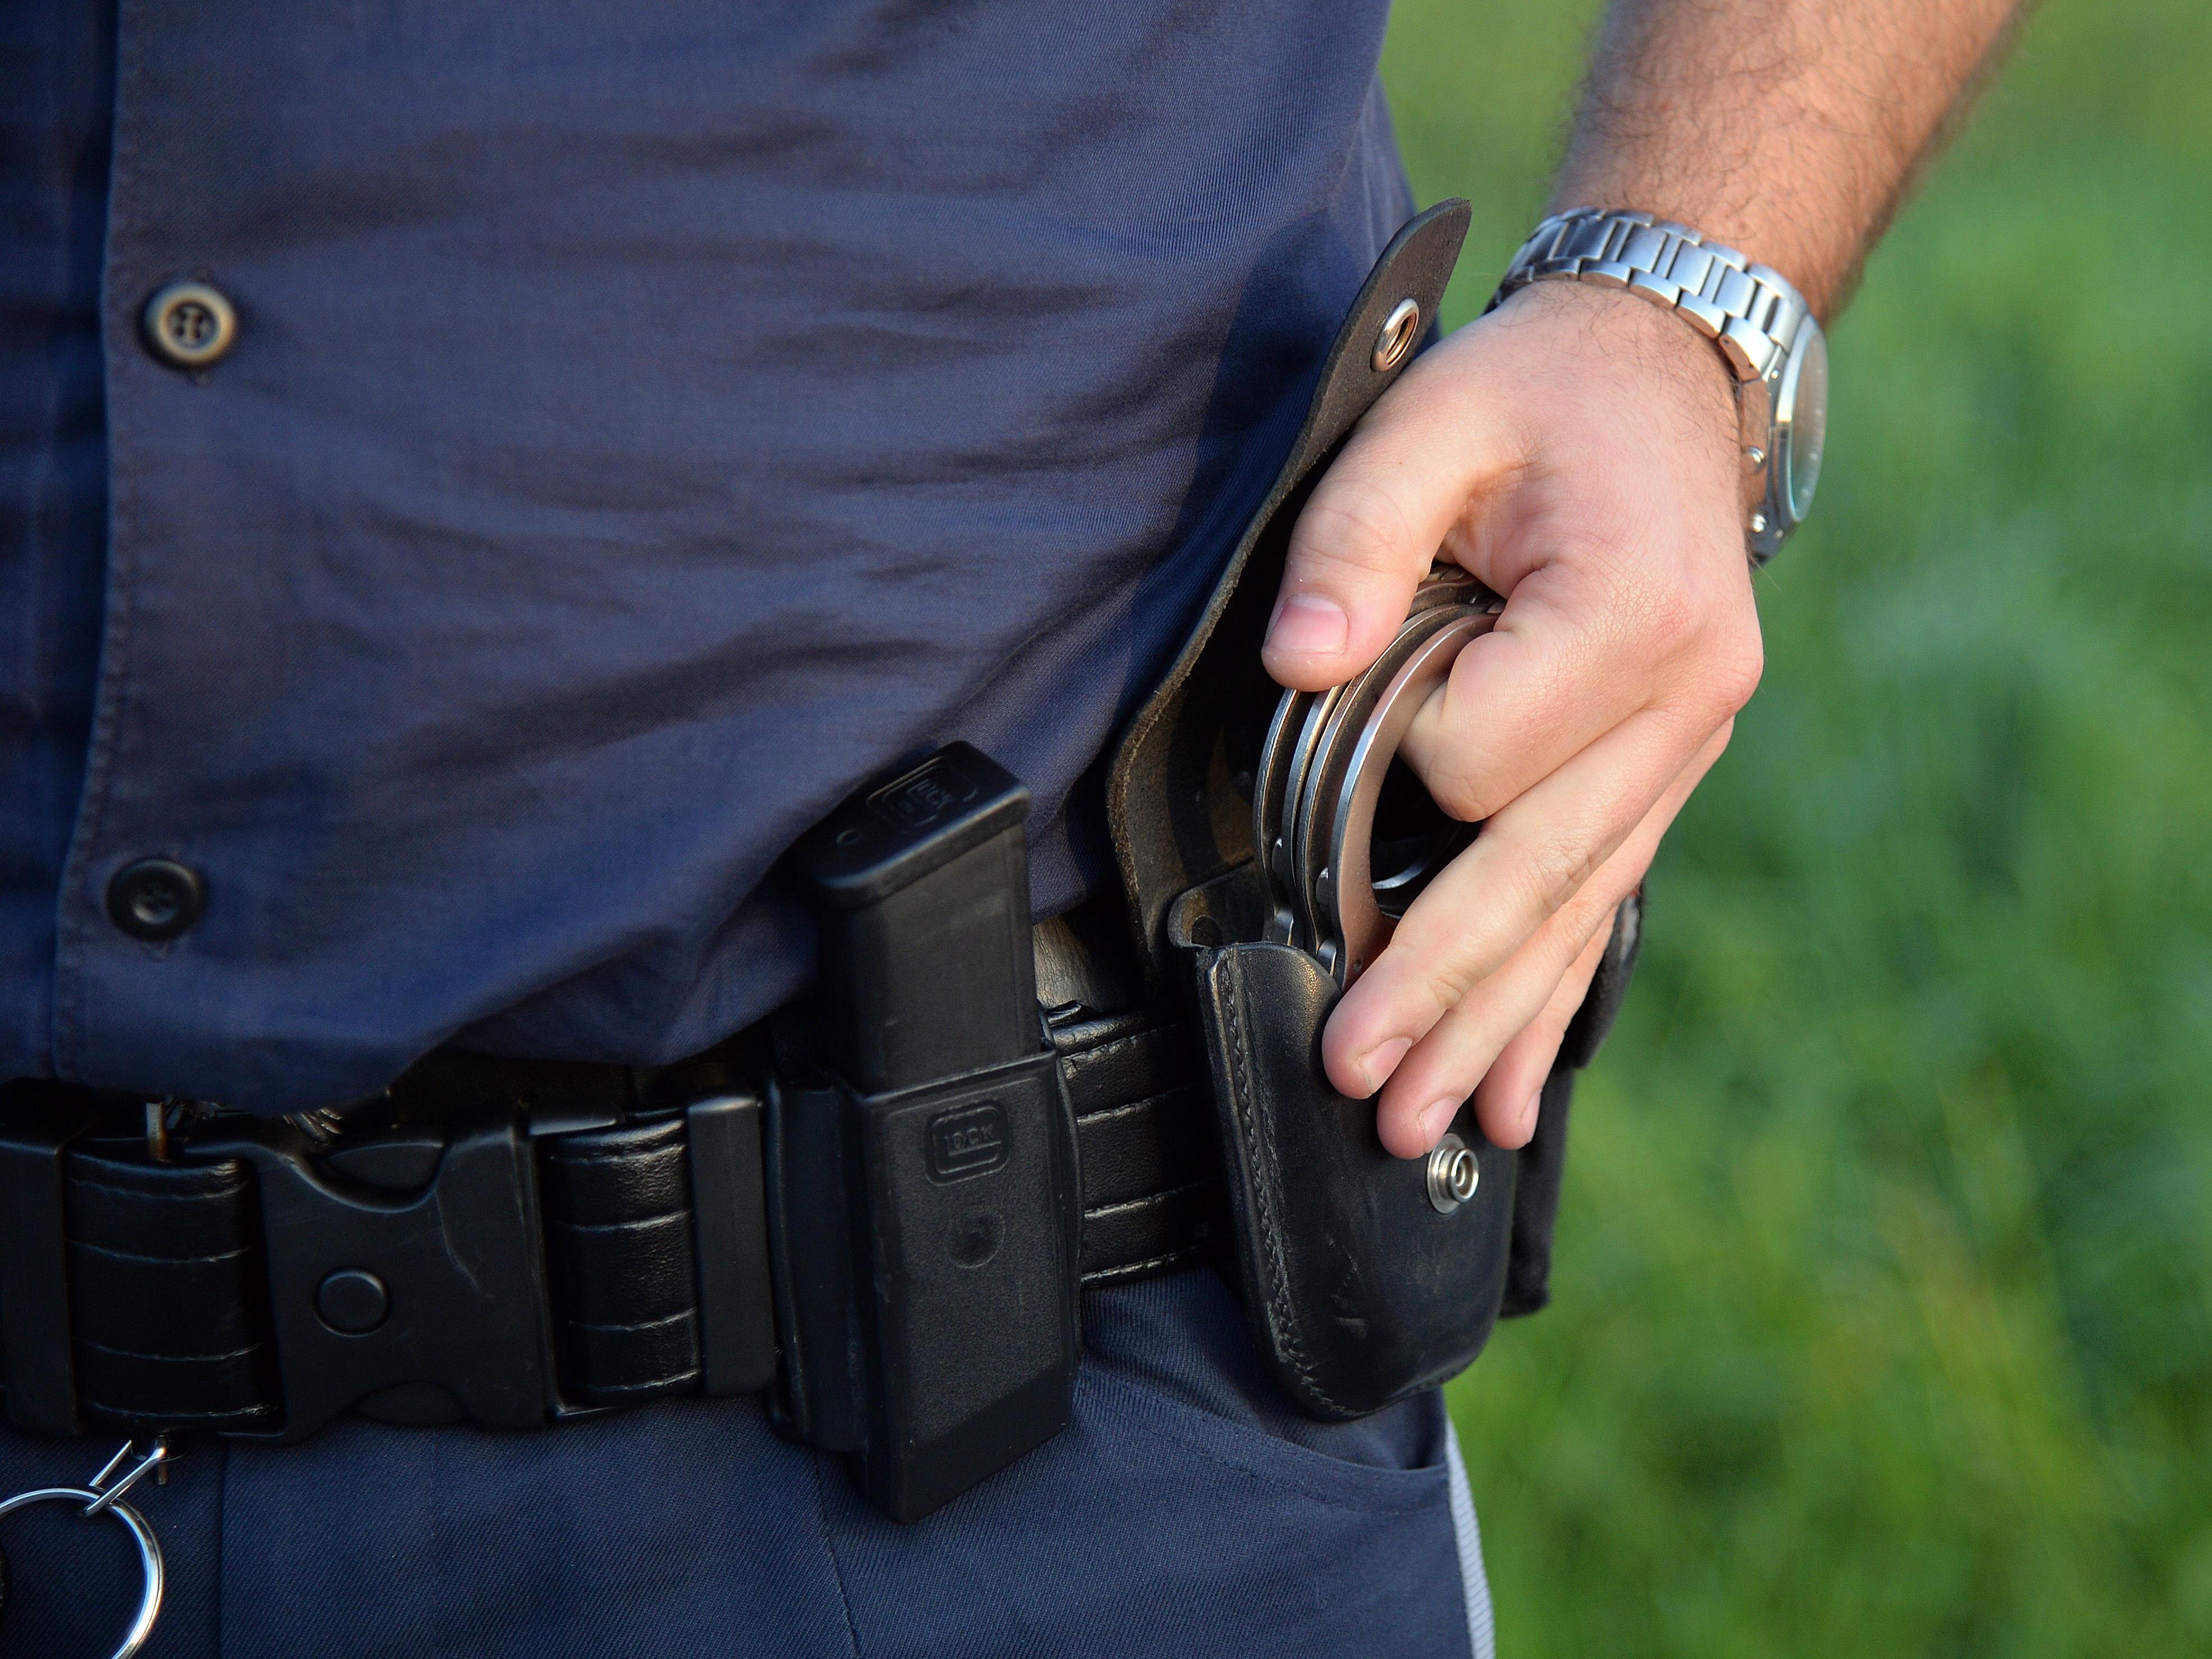 Der 29-jährige Unruhestifter wurde festgenommen.